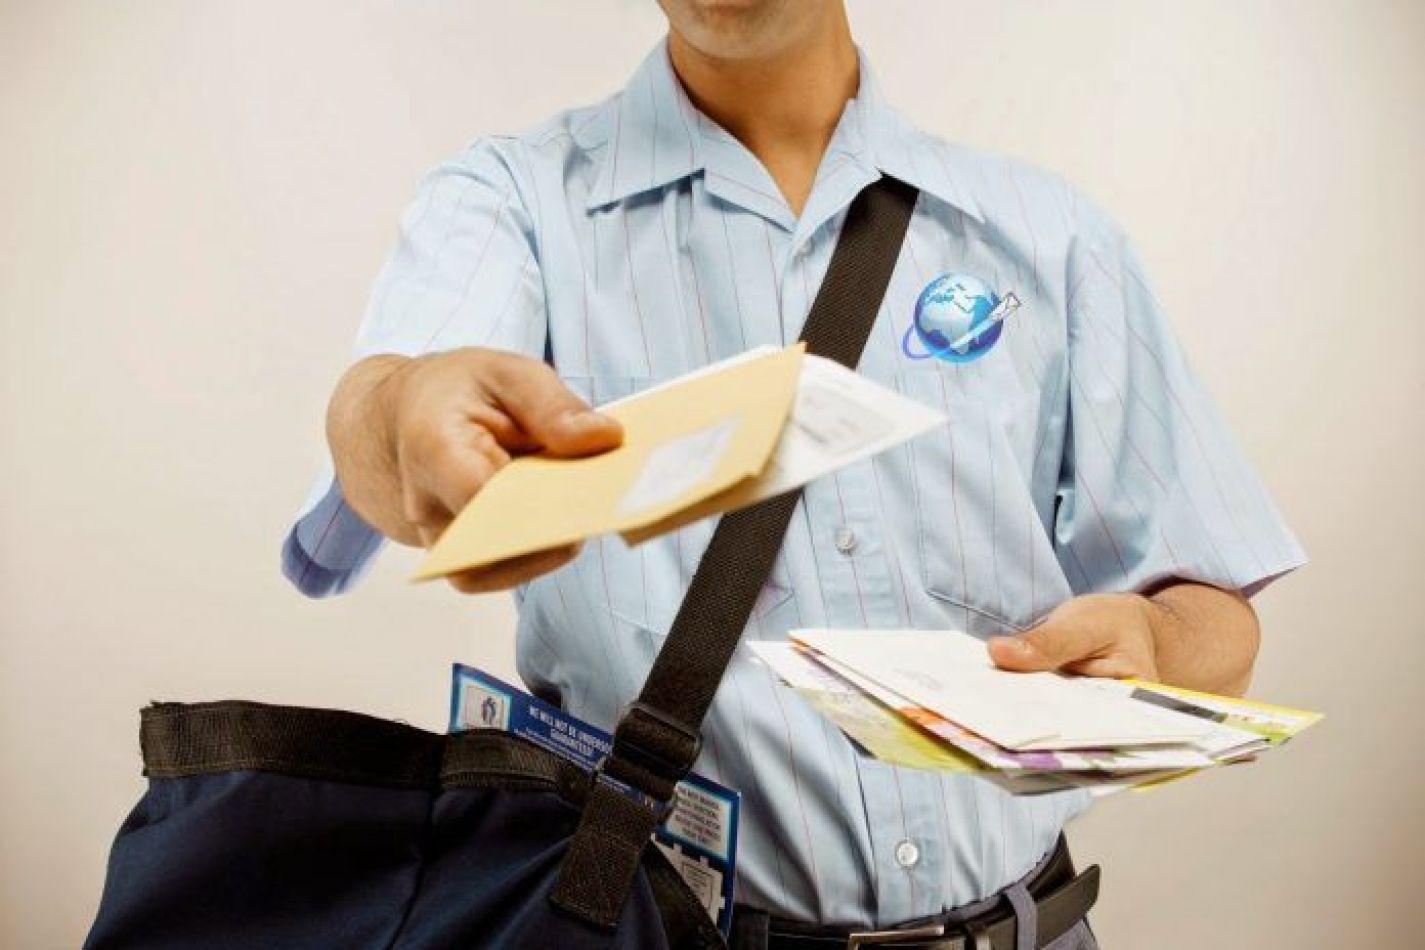 Los envíos a través del servicio postal no requerirán la firma del destinatario